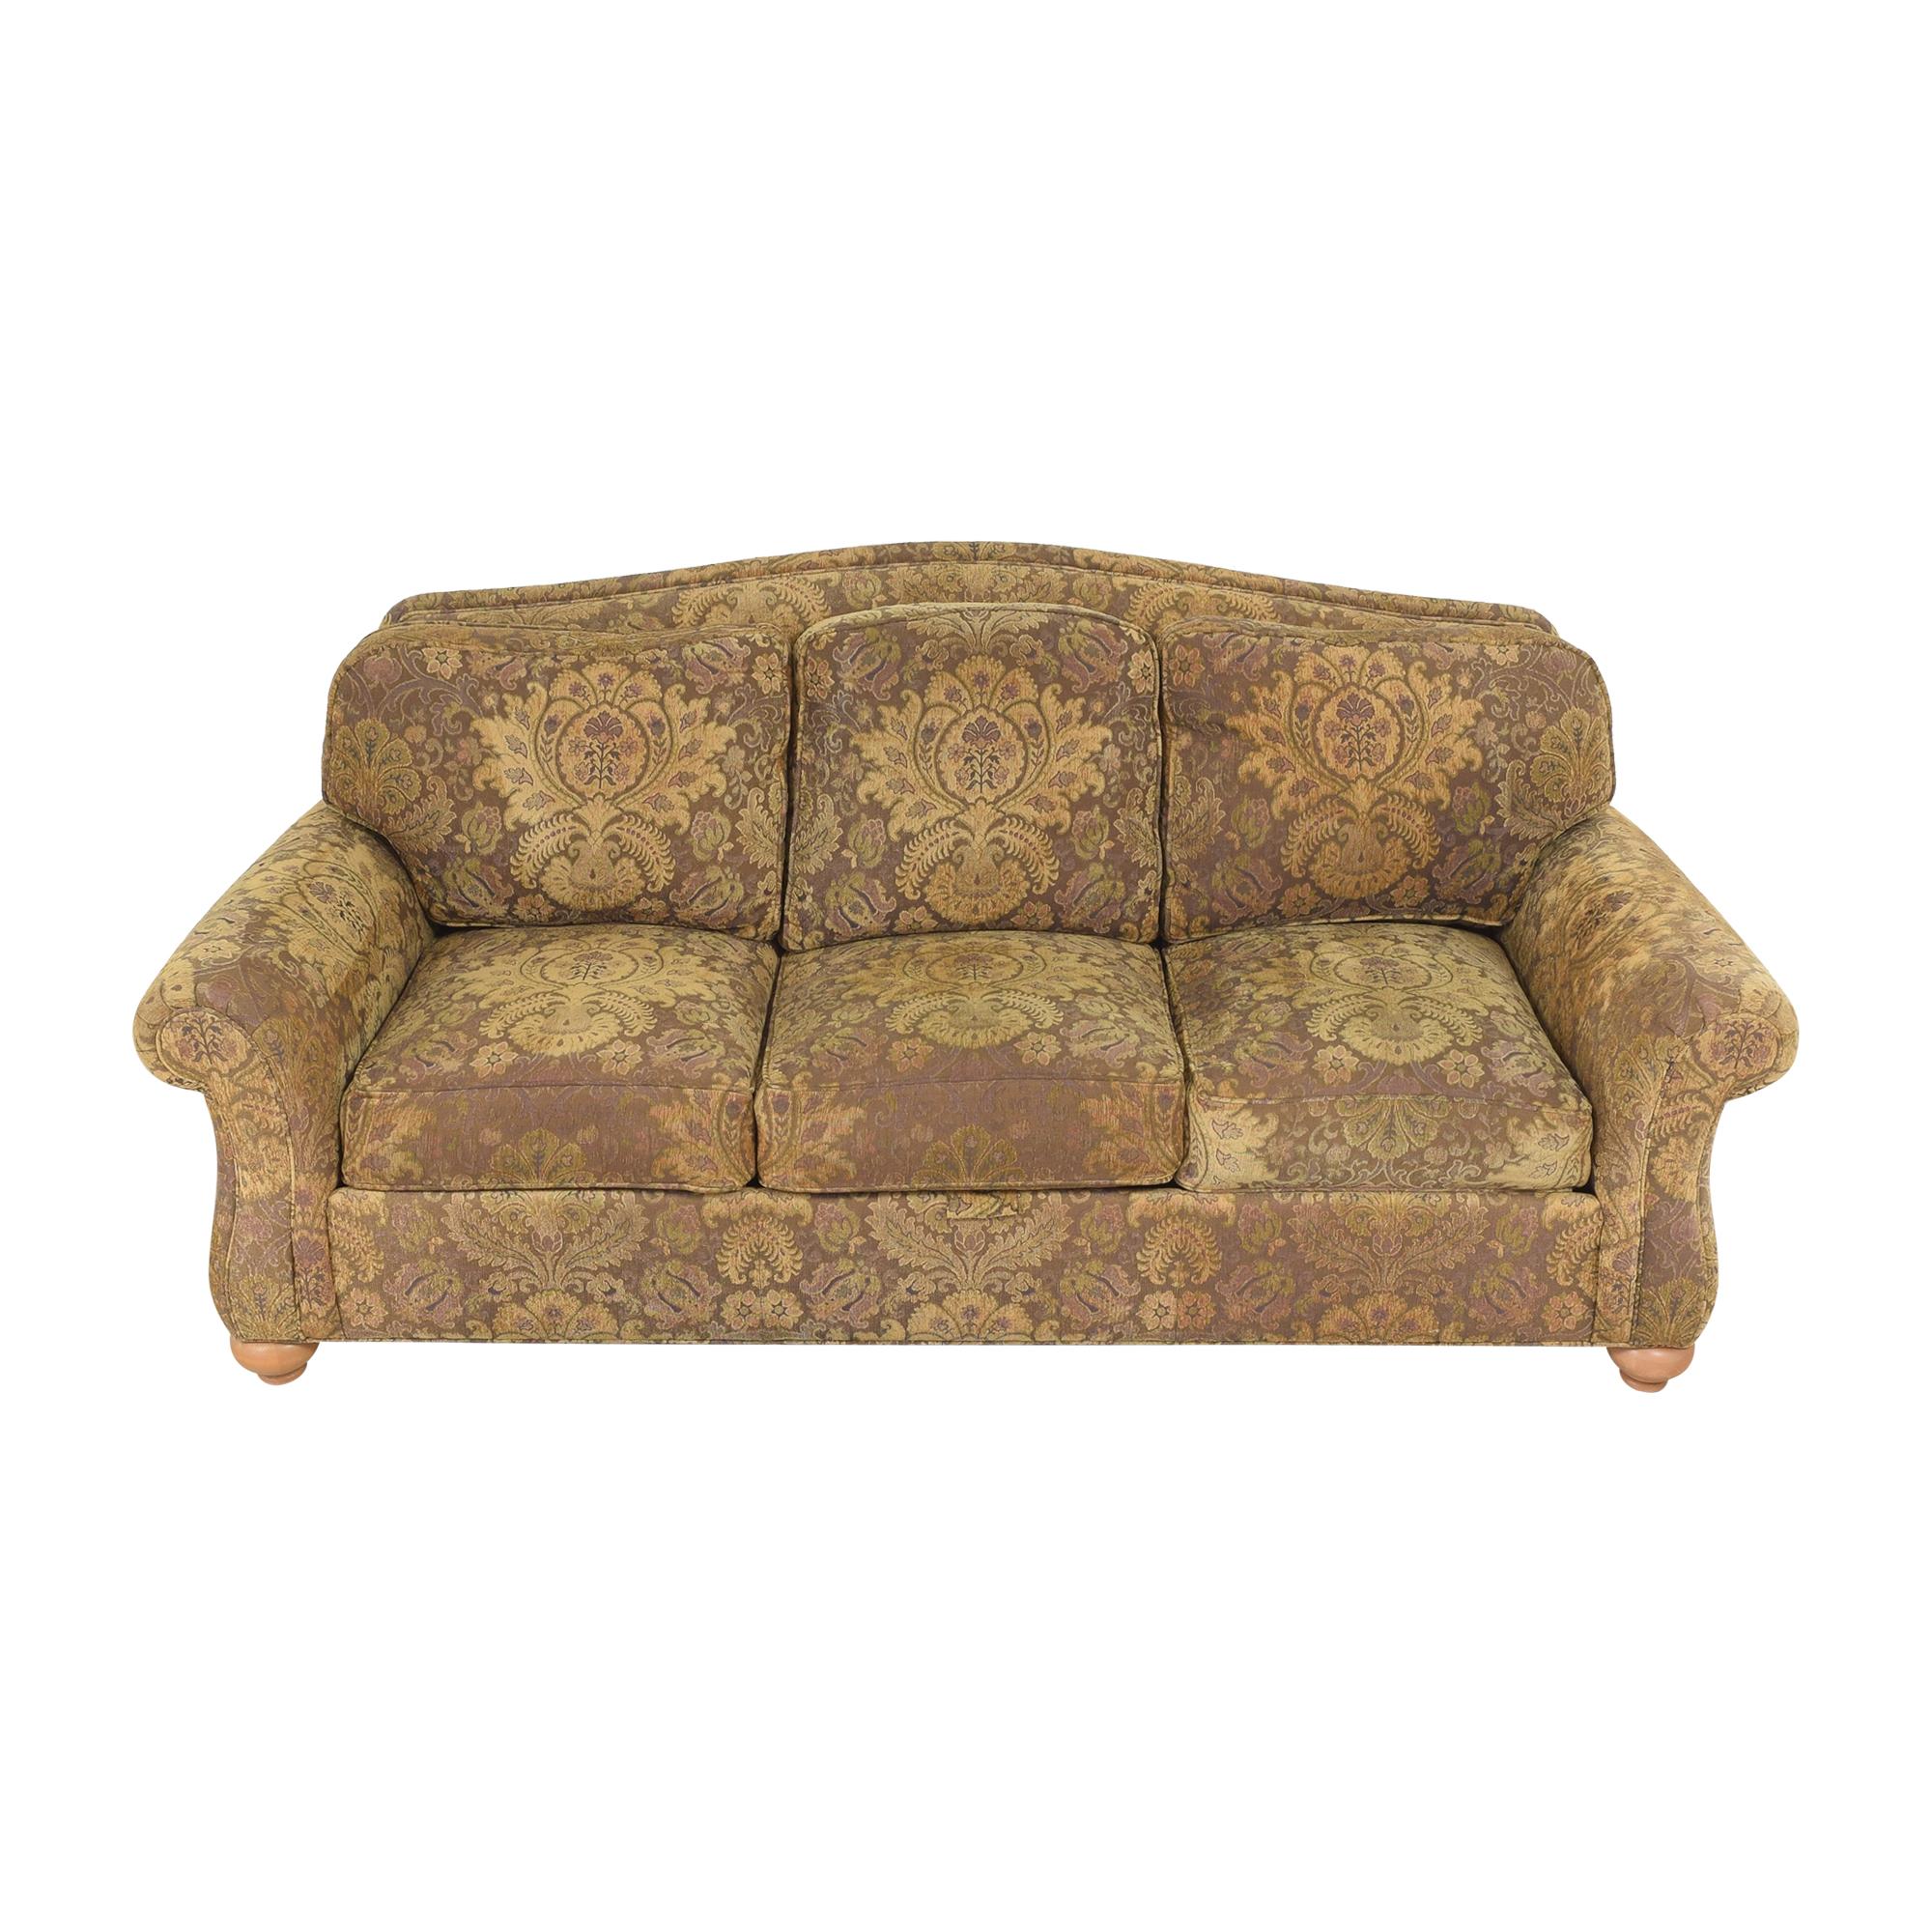 Ethan Allen Ethan Allen Camel Back Sofa price